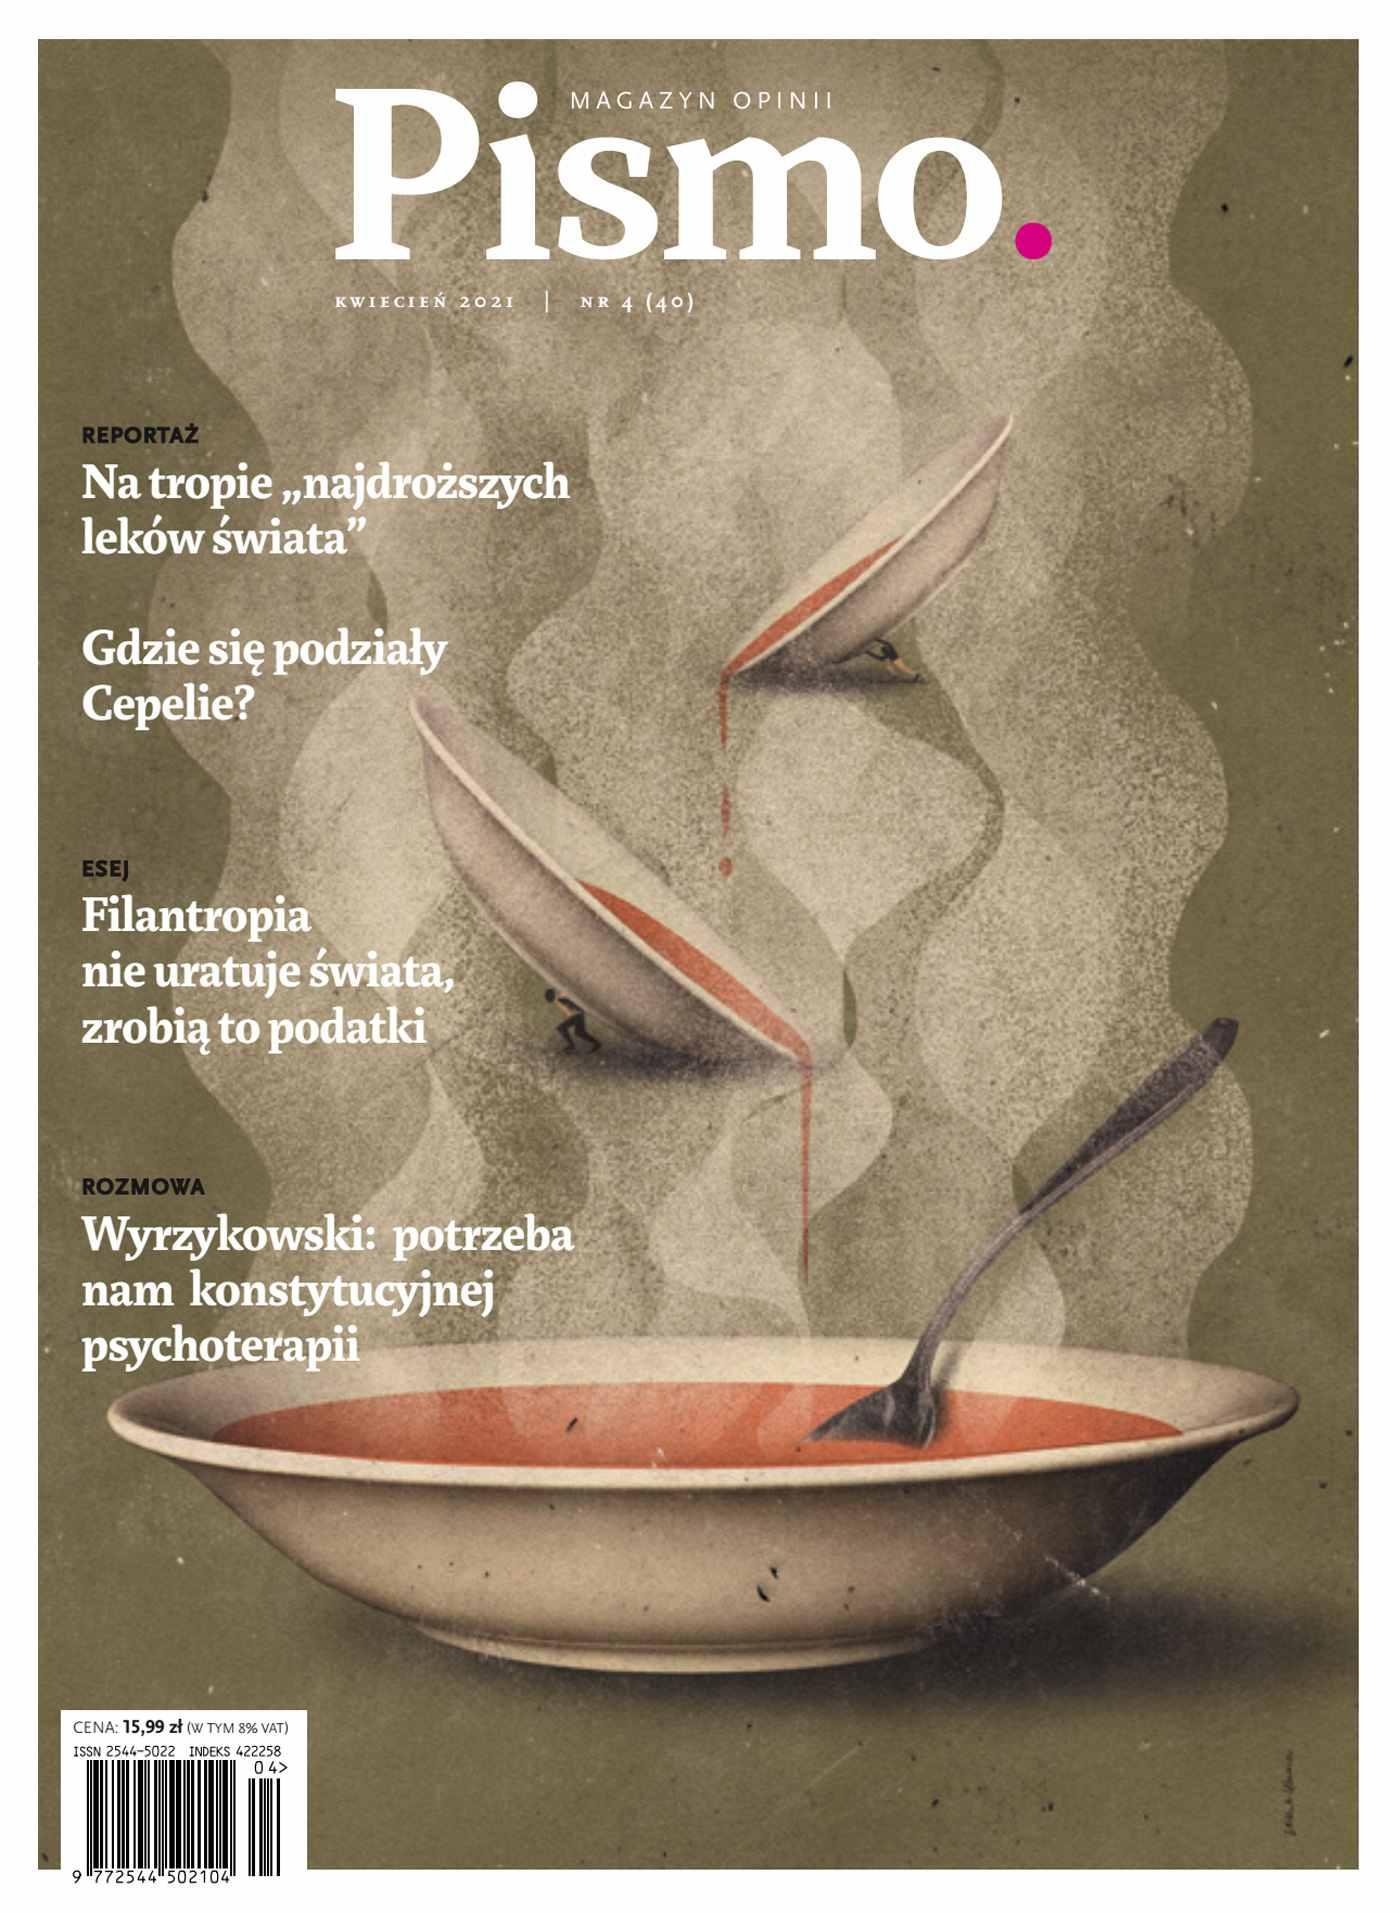 Pismo. Magazyn Opinii 04/2021 - Ebook (Książka EPUB) do pobrania w formacie EPUB